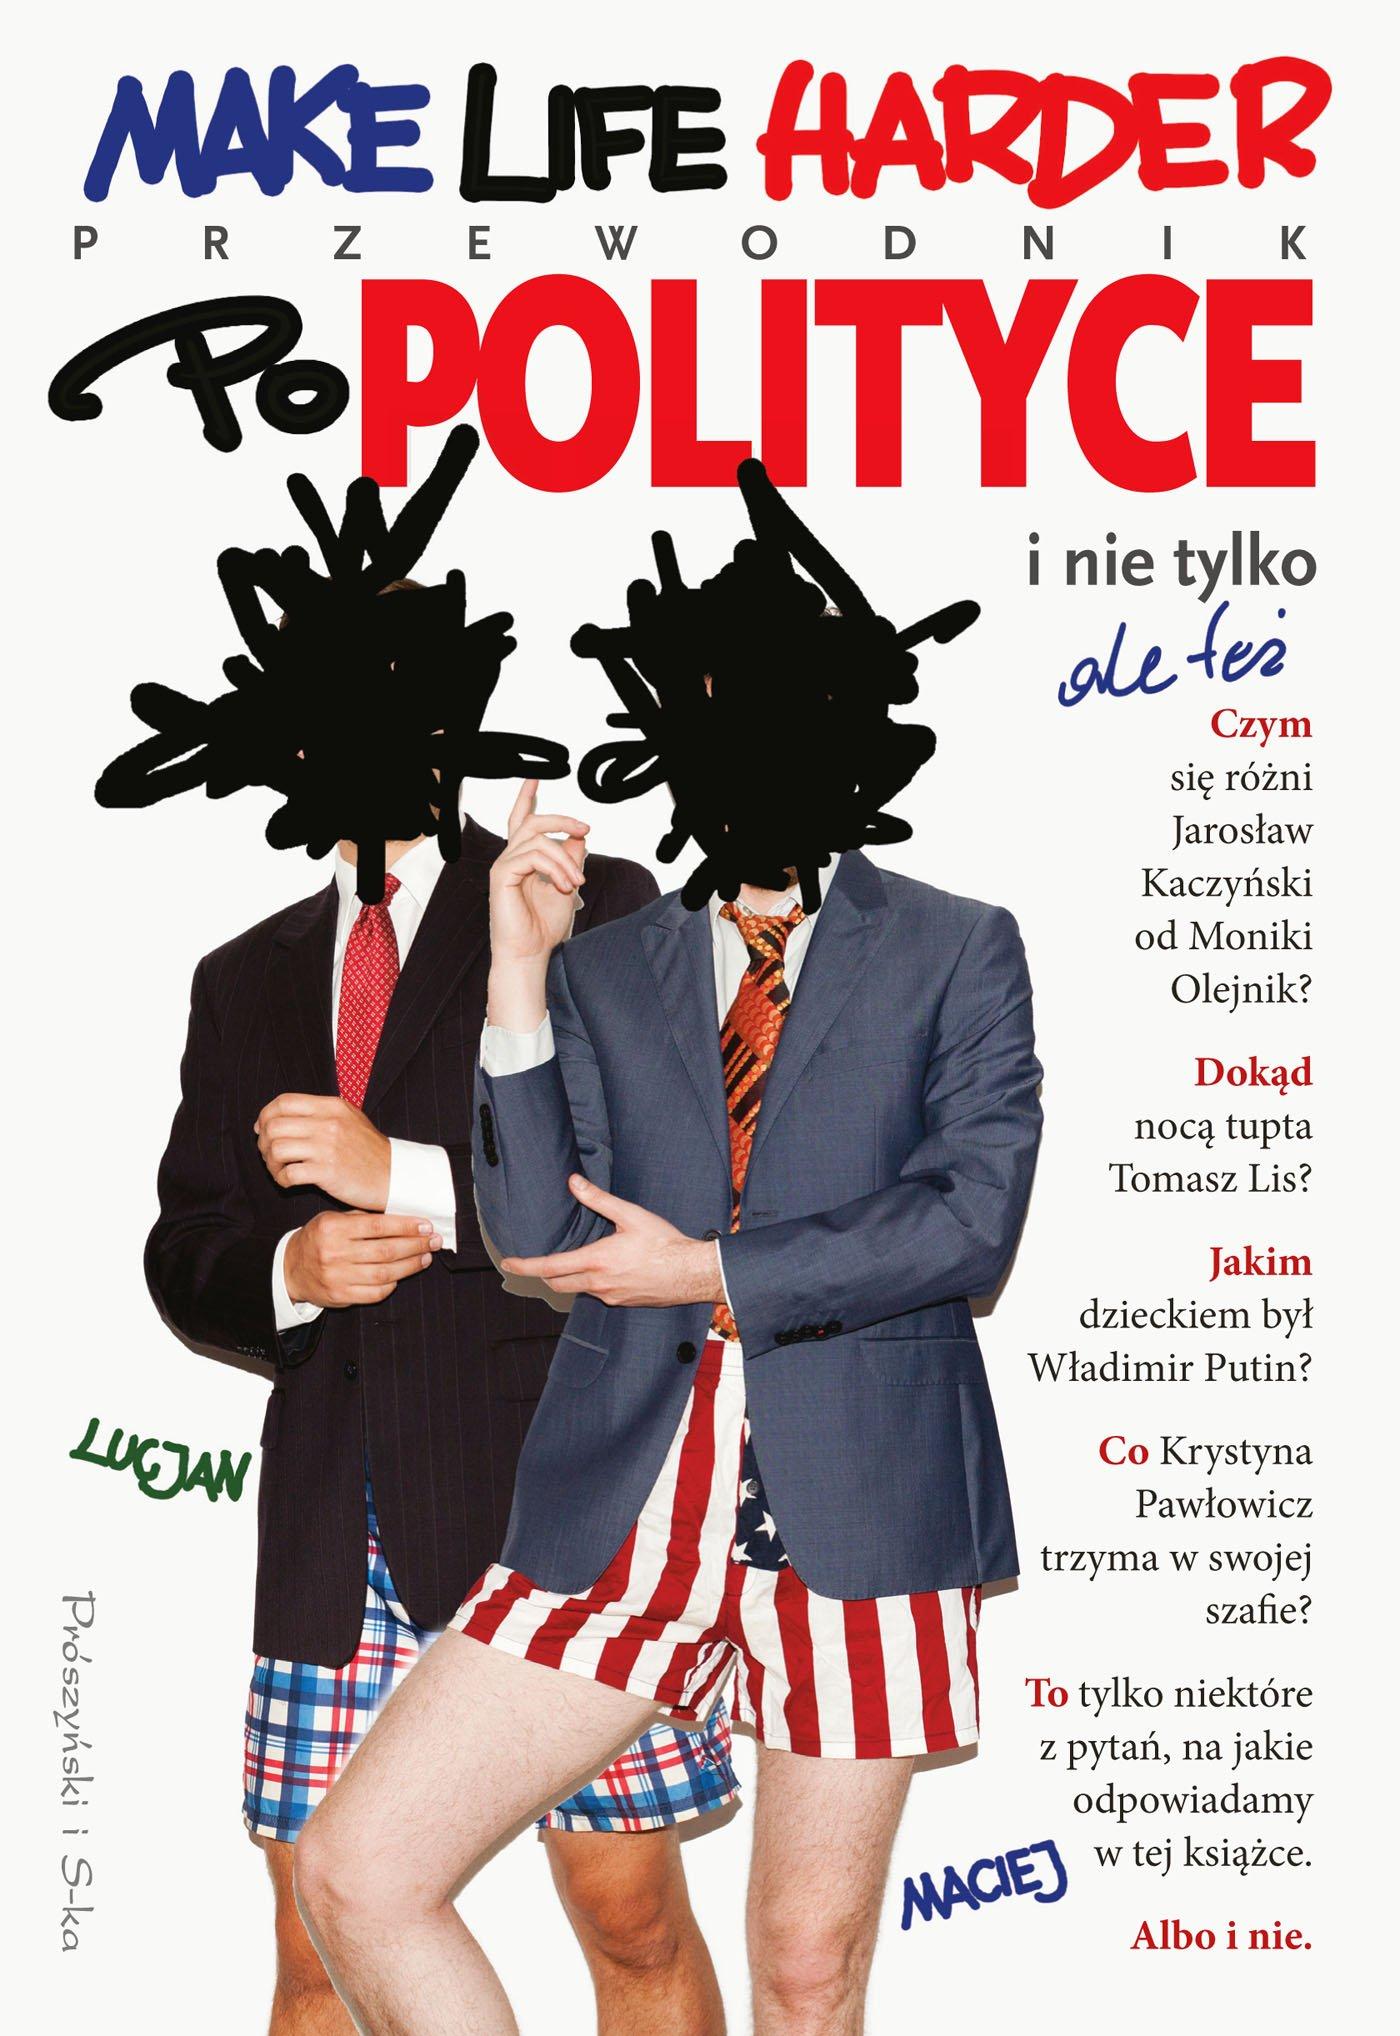 Make Life Harder. Przewodnik po polityce i nie tylko, ale też - Ebook (Książka EPUB) do pobrania w formacie EPUB